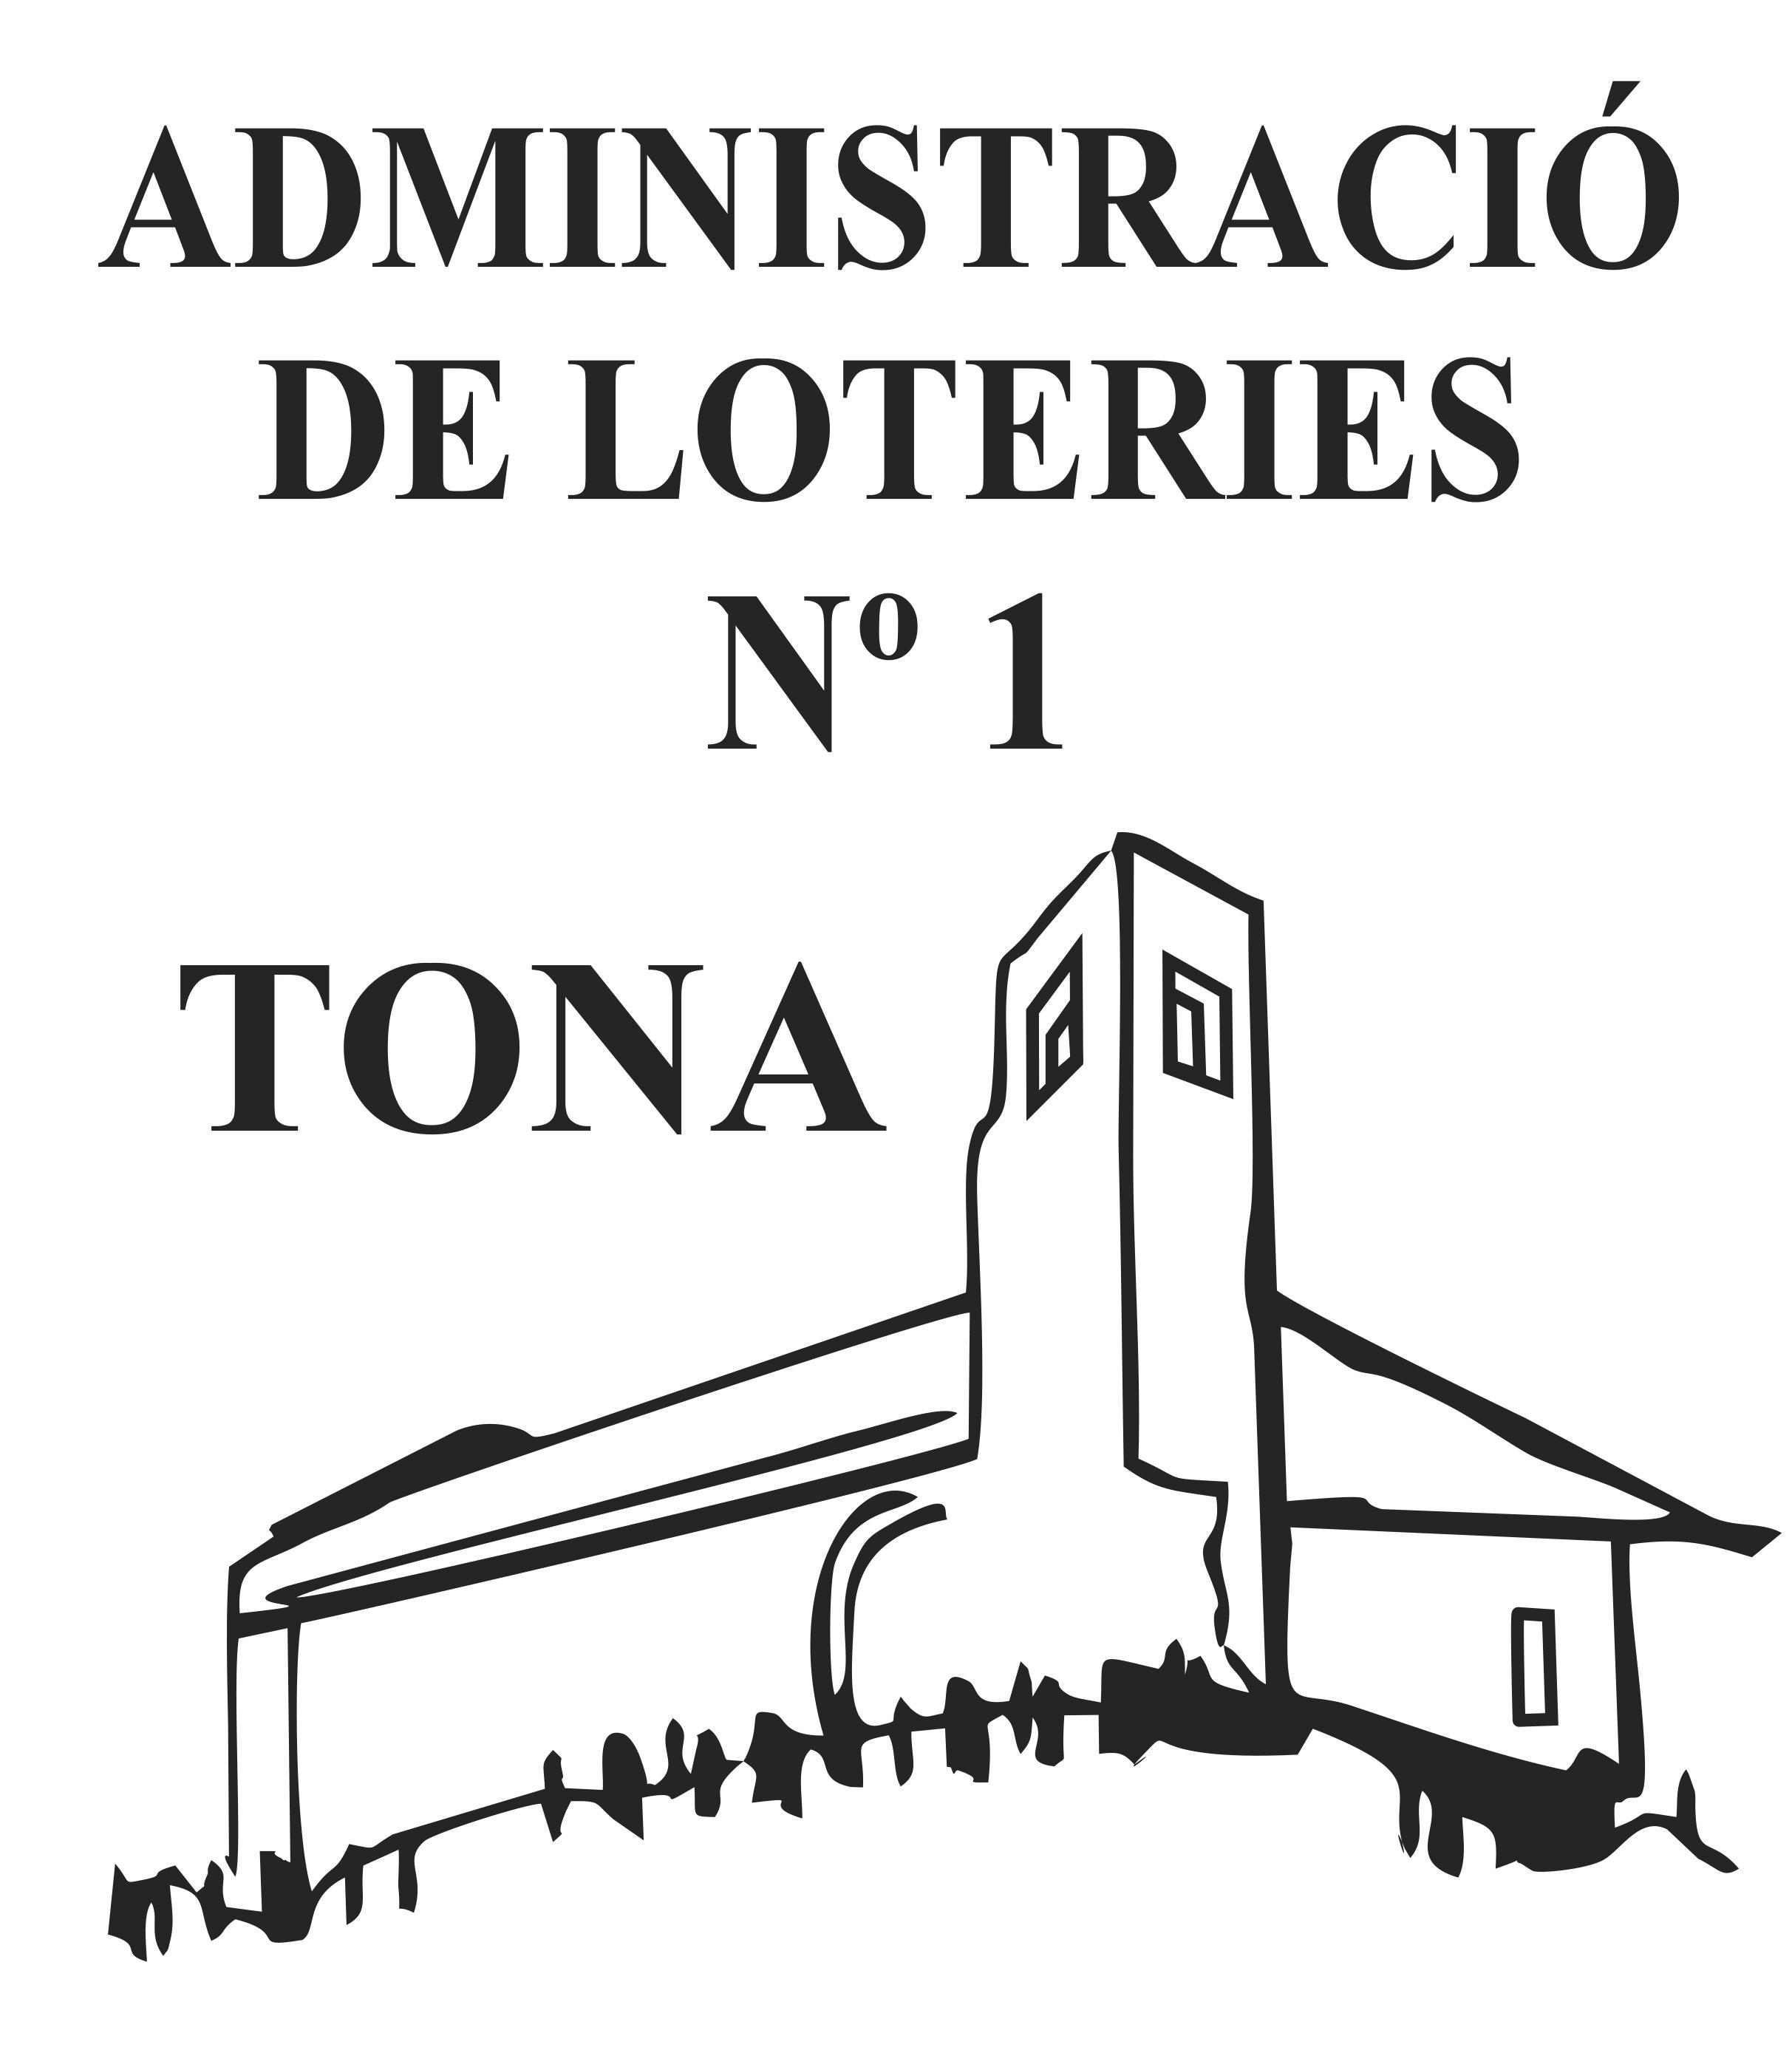 ADMINISTRACIÓ DE LOTERIA